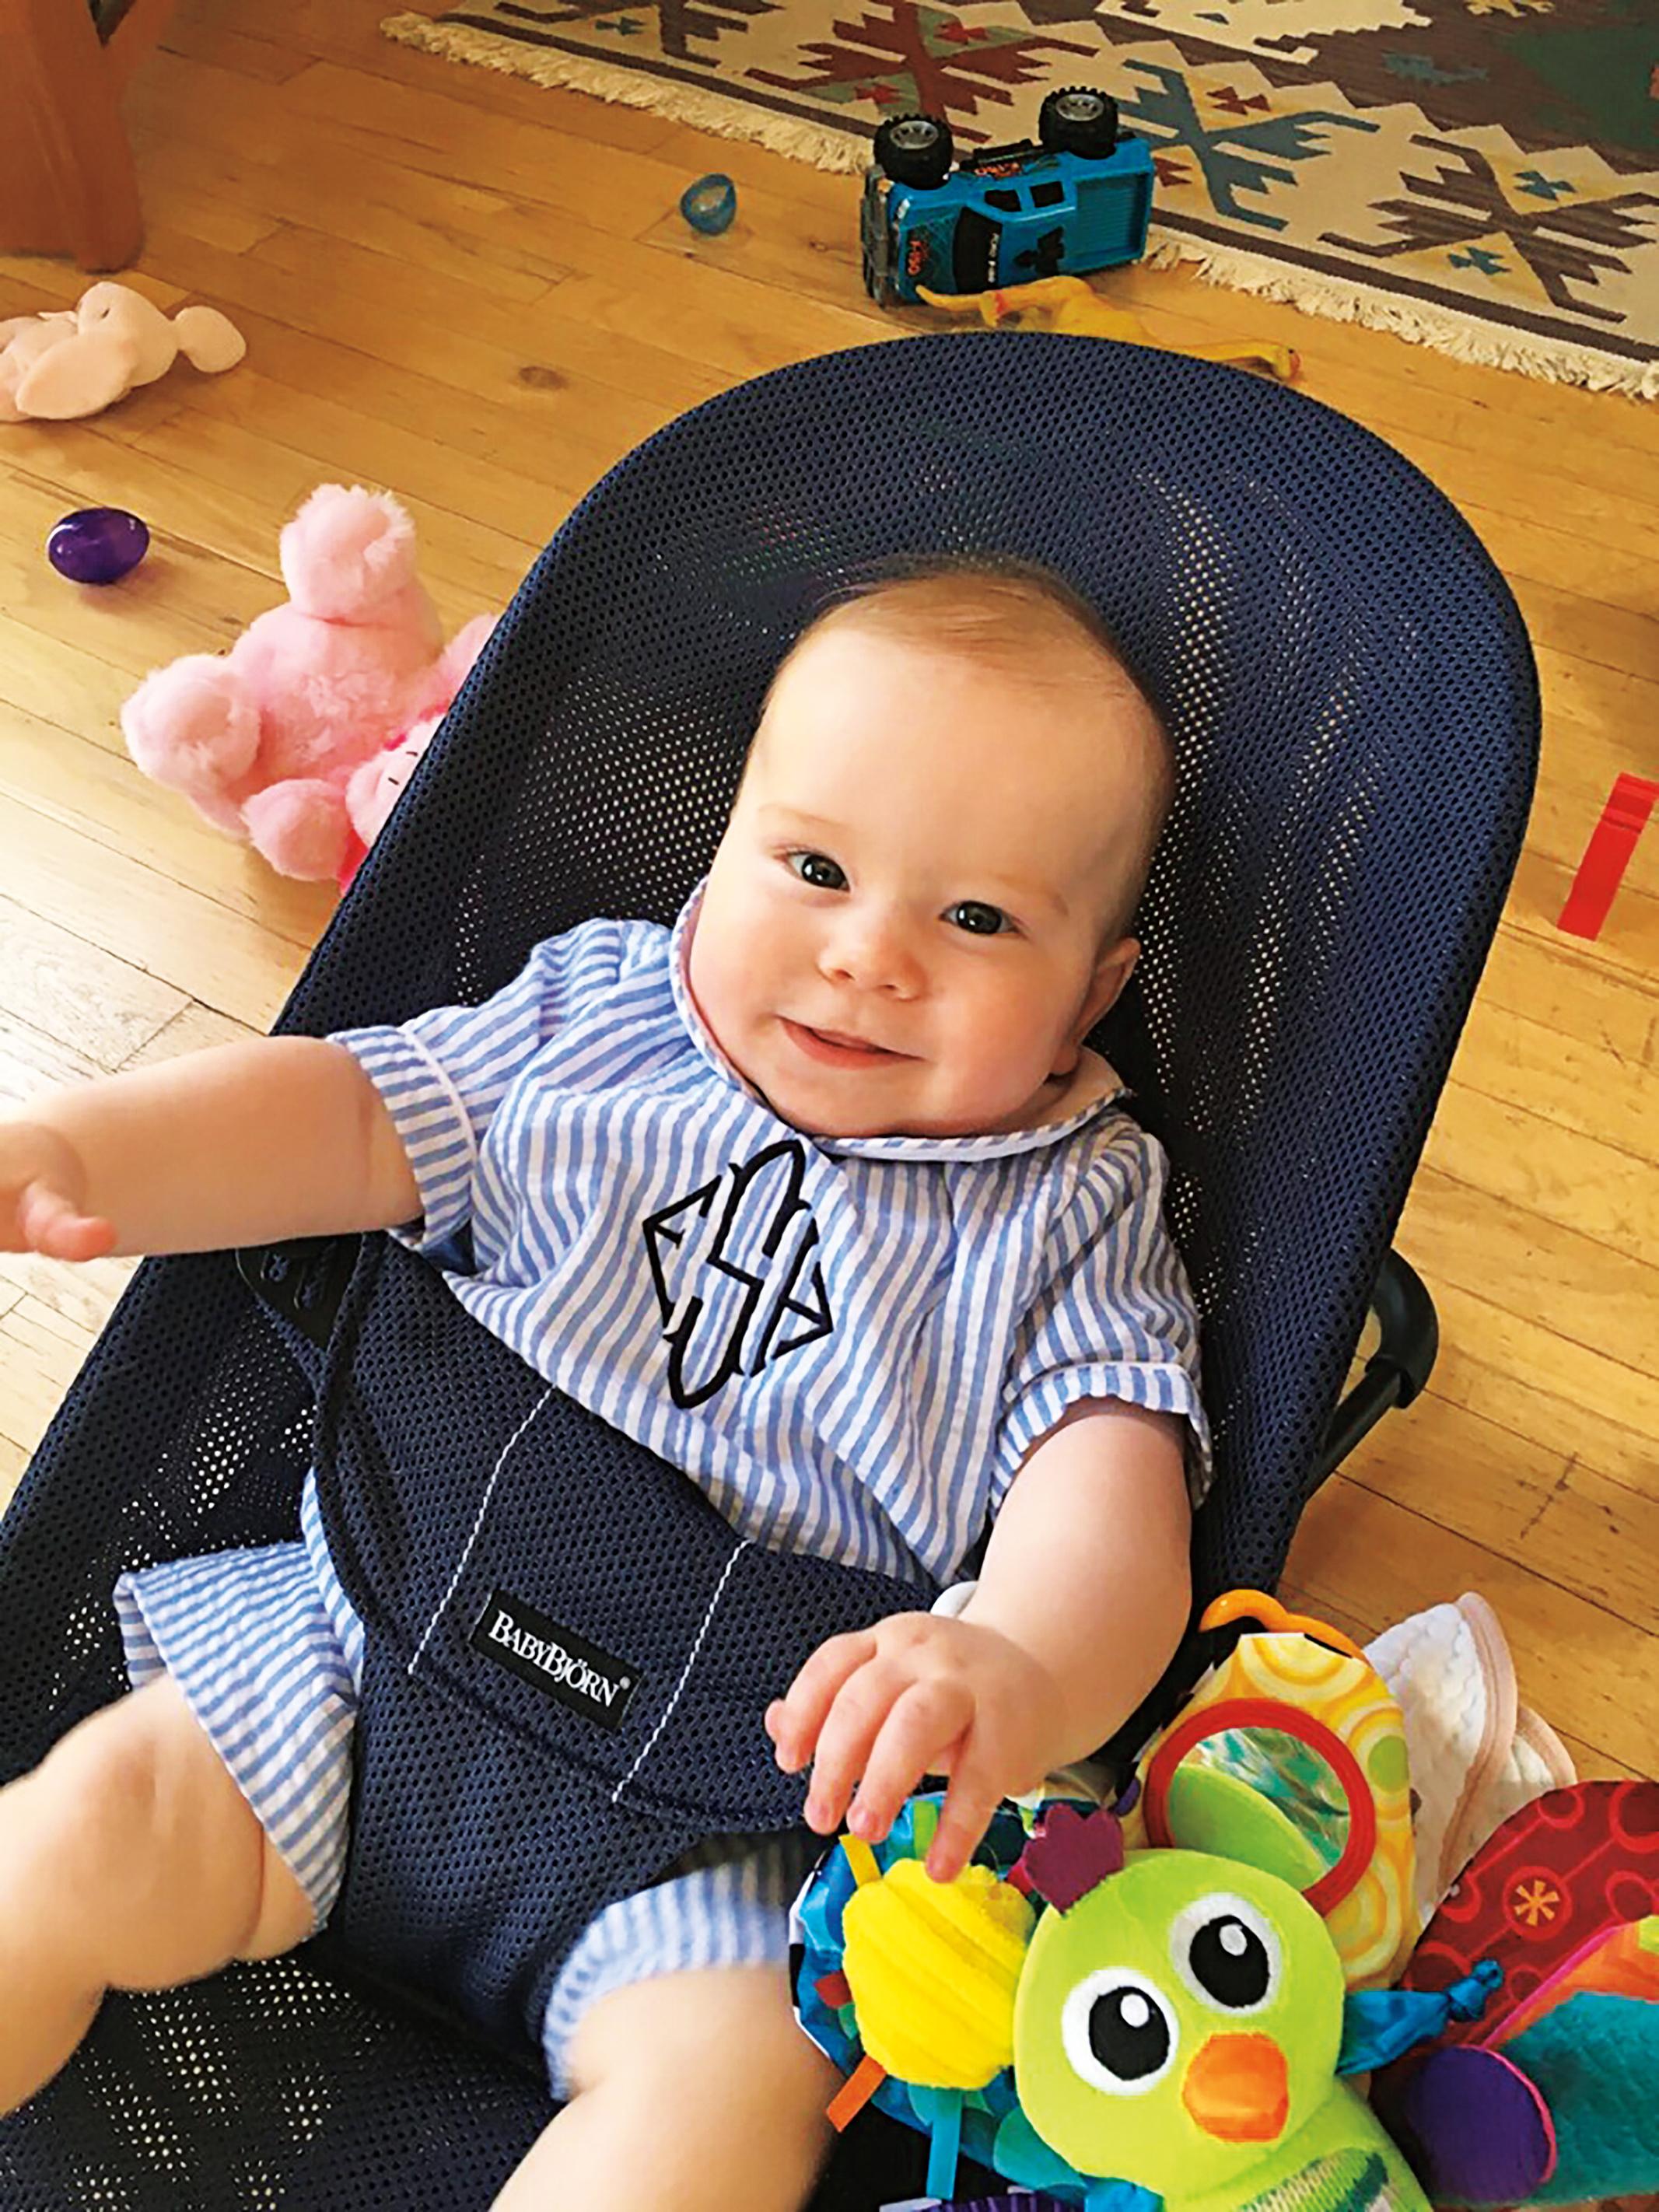 1997 A Sheehan baby.jpg